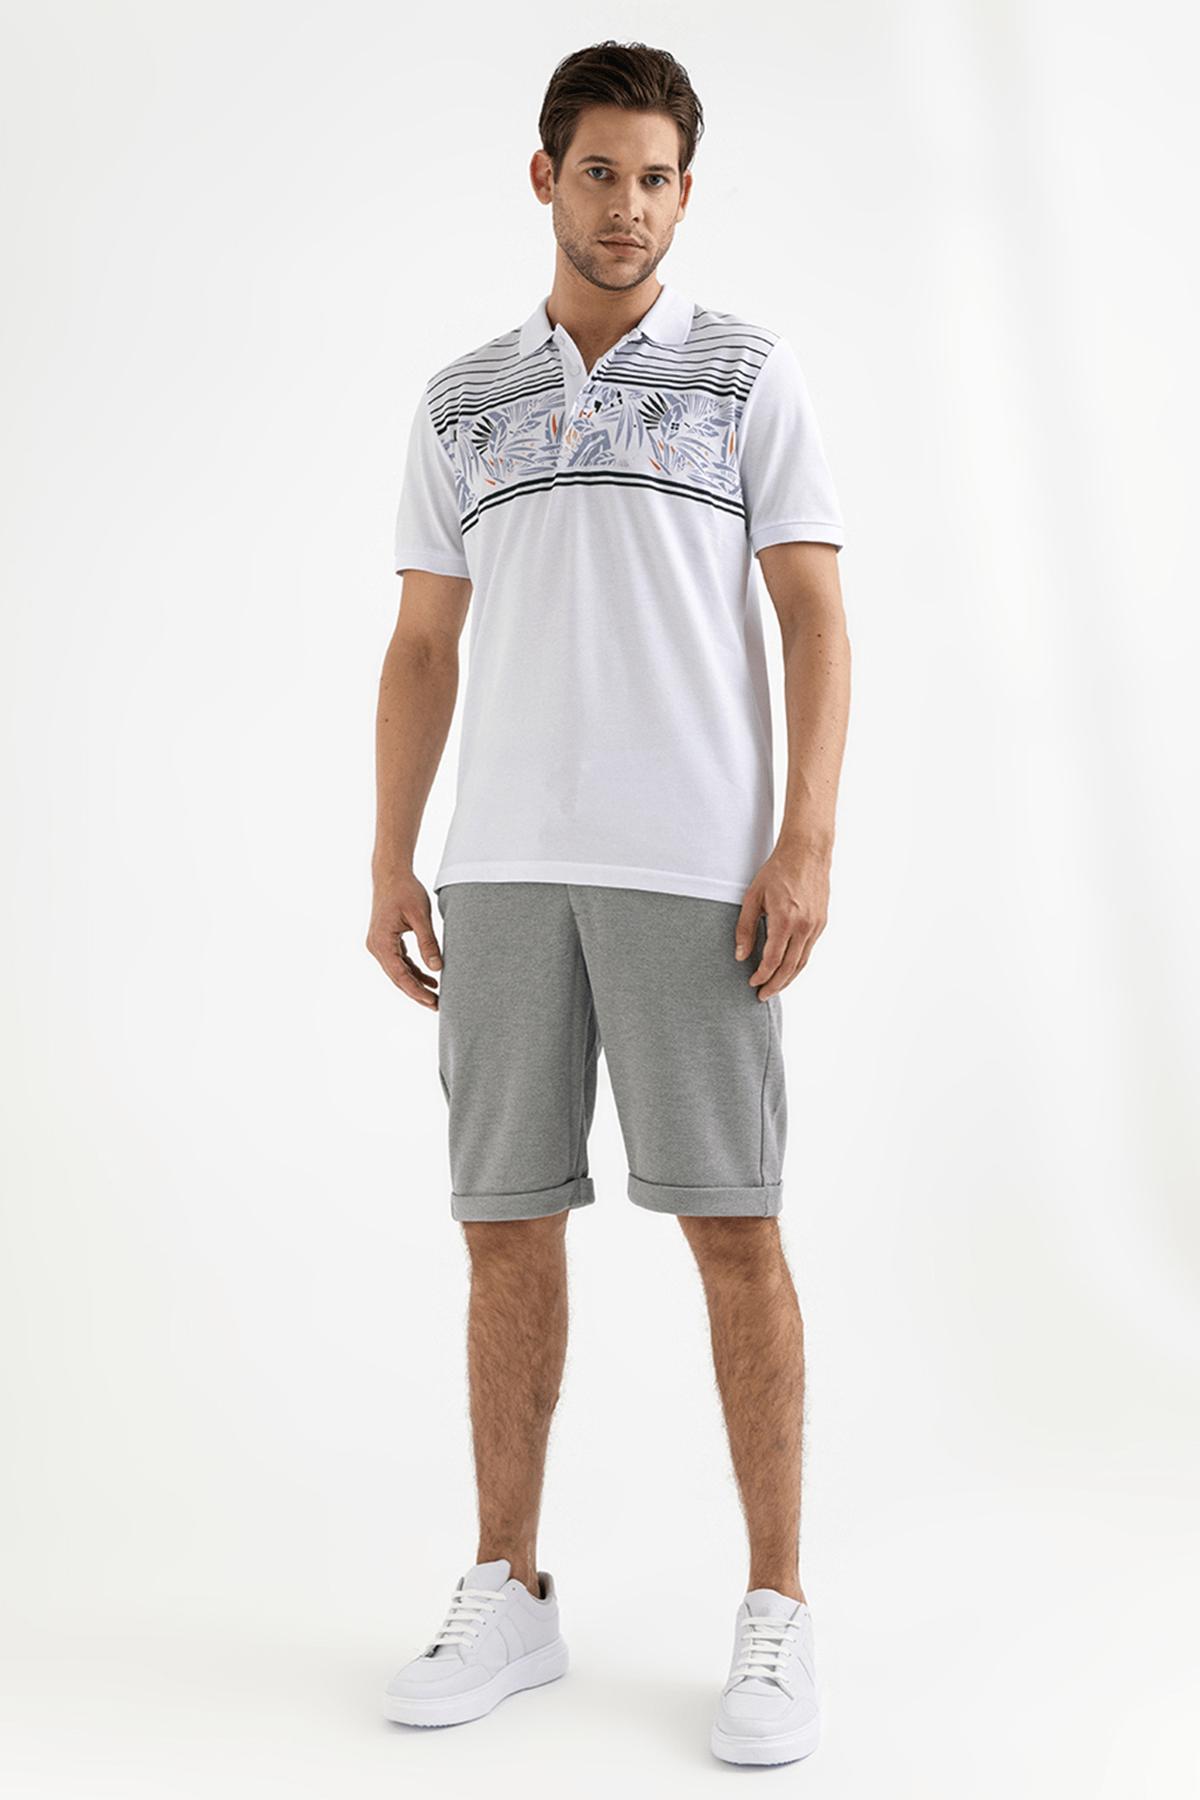 Avva Polo Yaka Baskılı T-Shirt 3